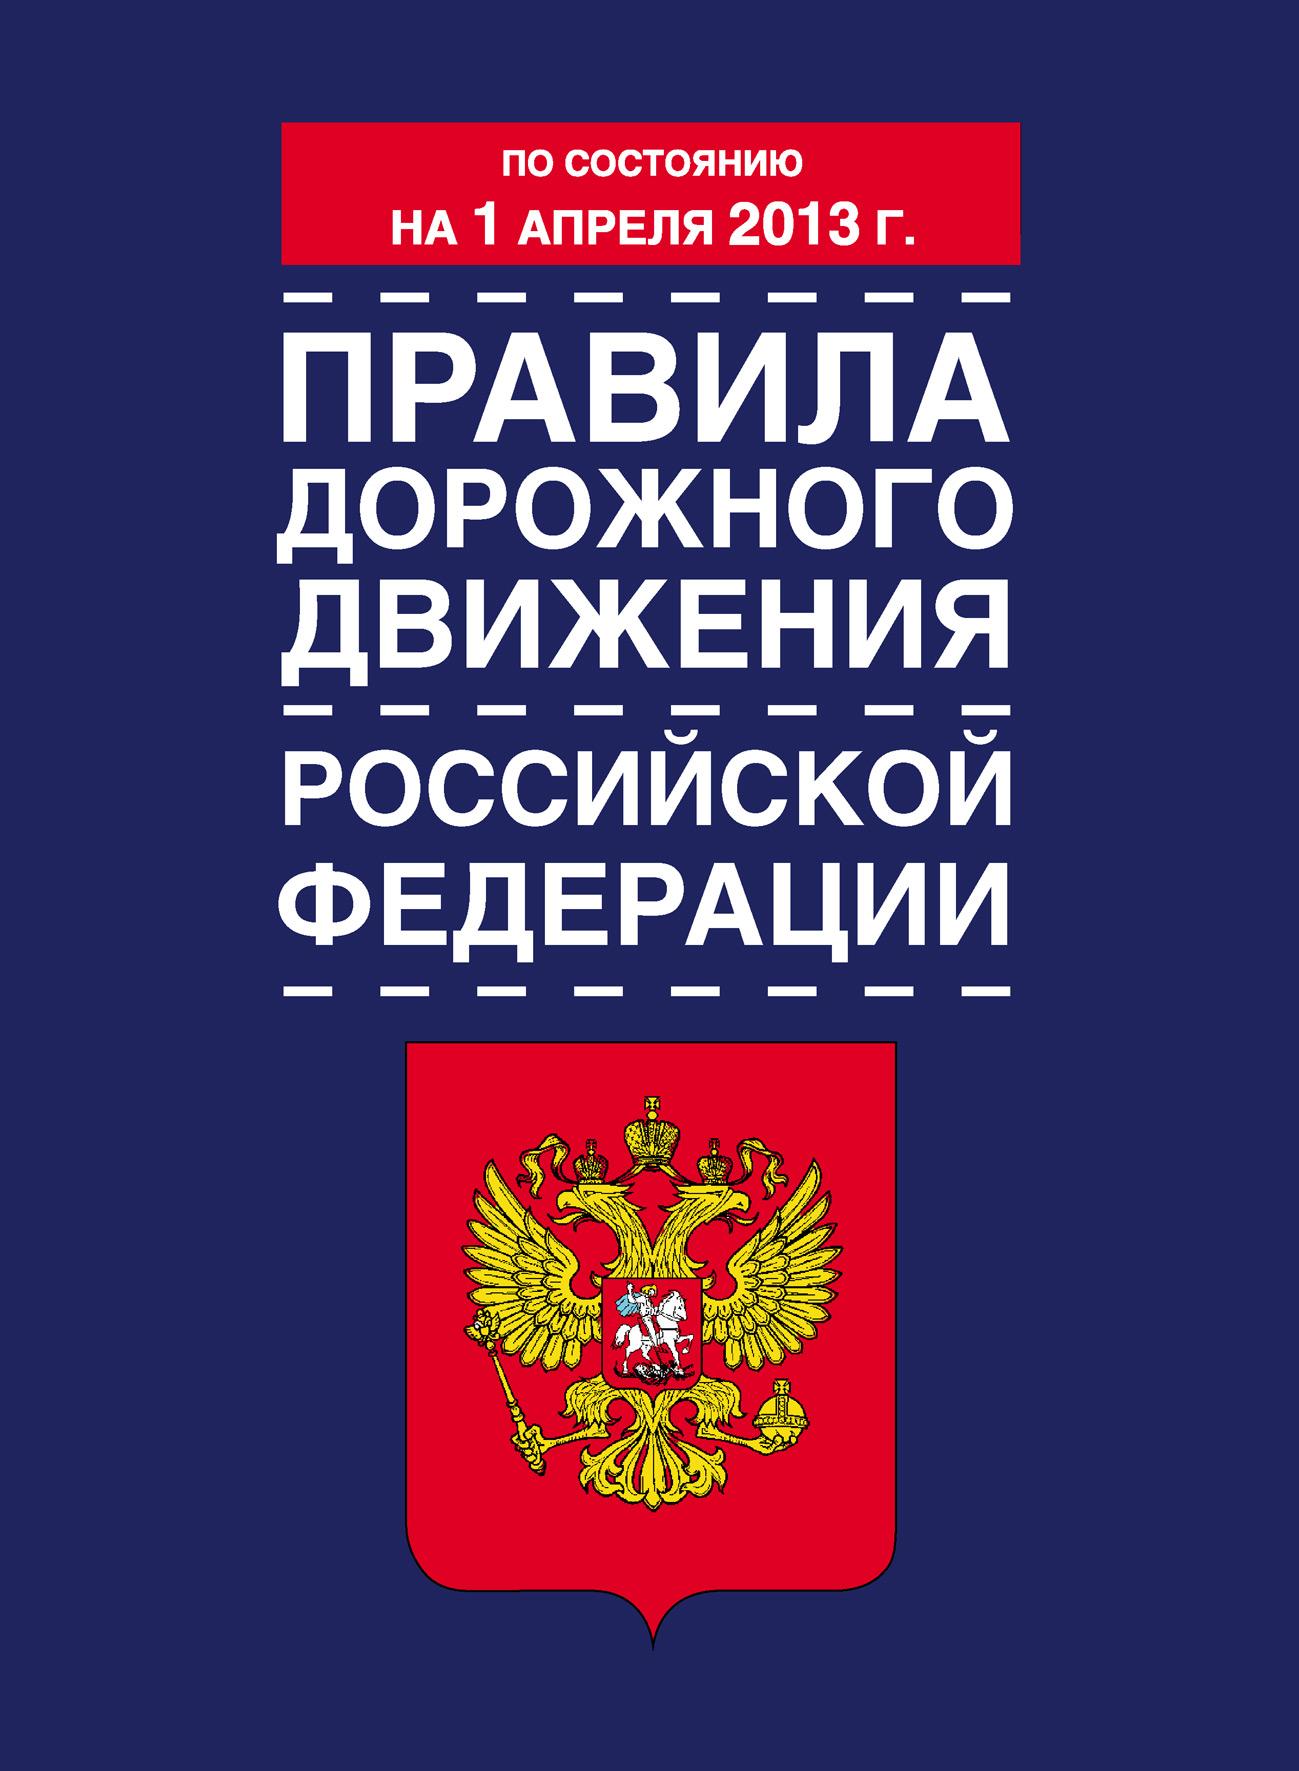 Коллектив авторов Правила дорожного движения Российской Федерации (по состоянию на 1 апреля 2013 года)